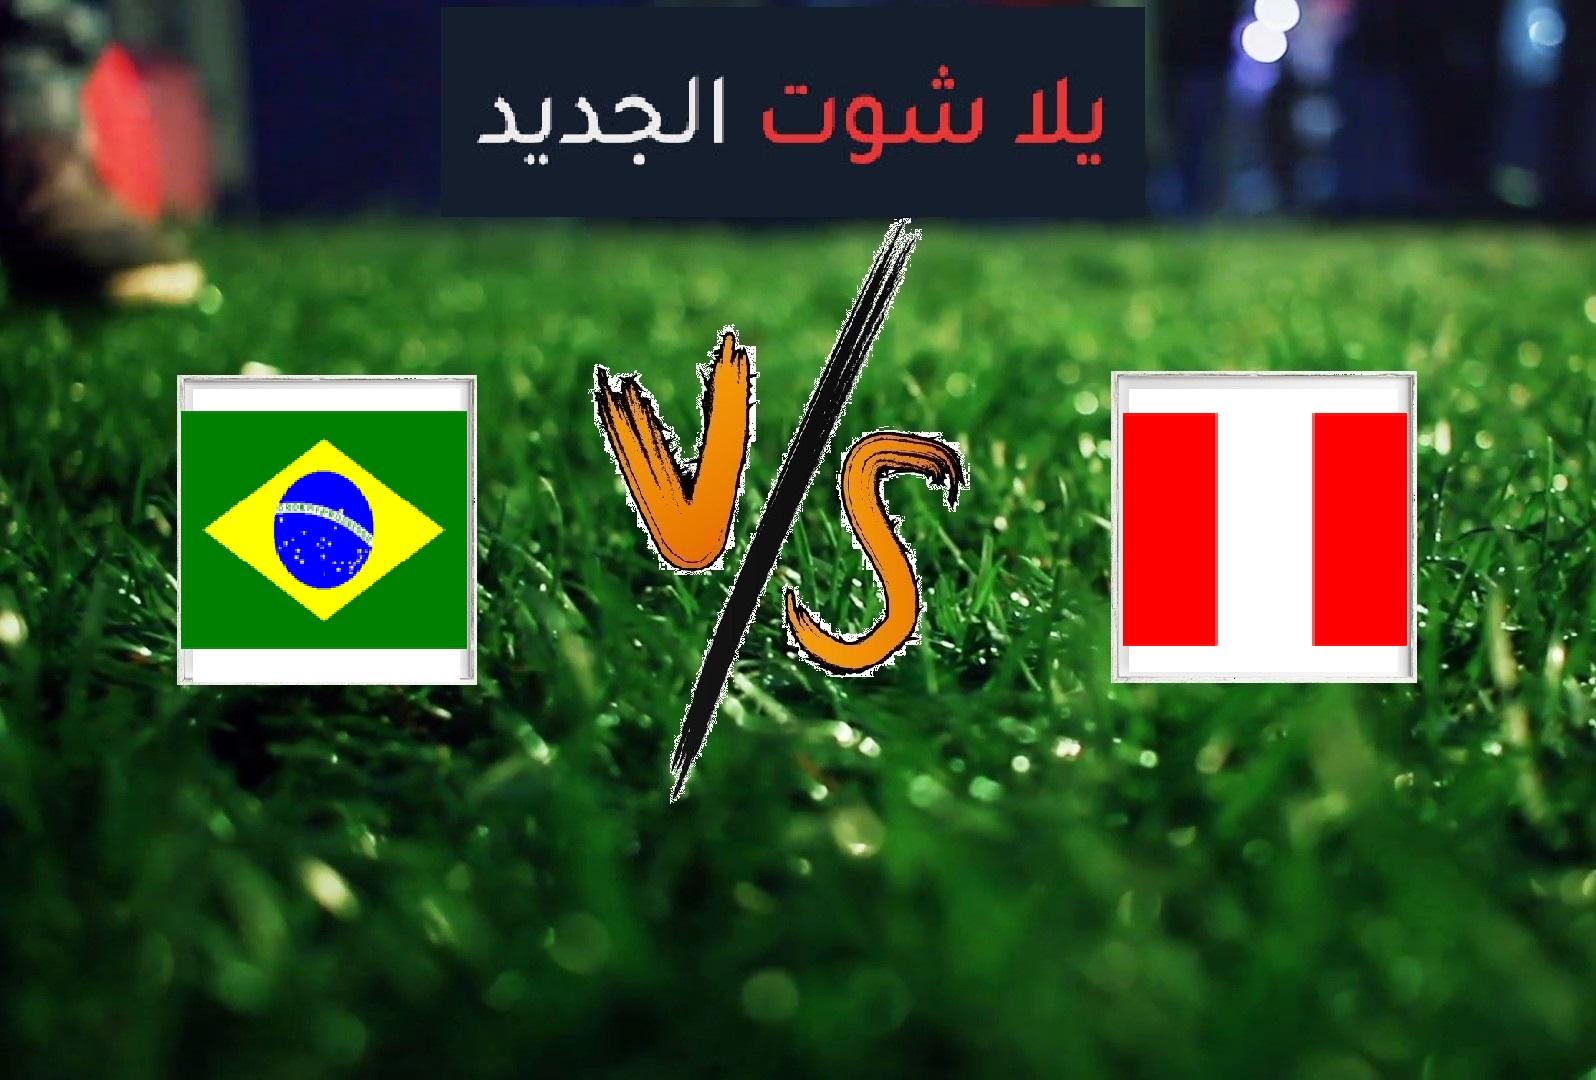 نتيجة مباراة البرازيل والبيرو بتاريخ 22-06-2019 كوبا أمريكا 2019